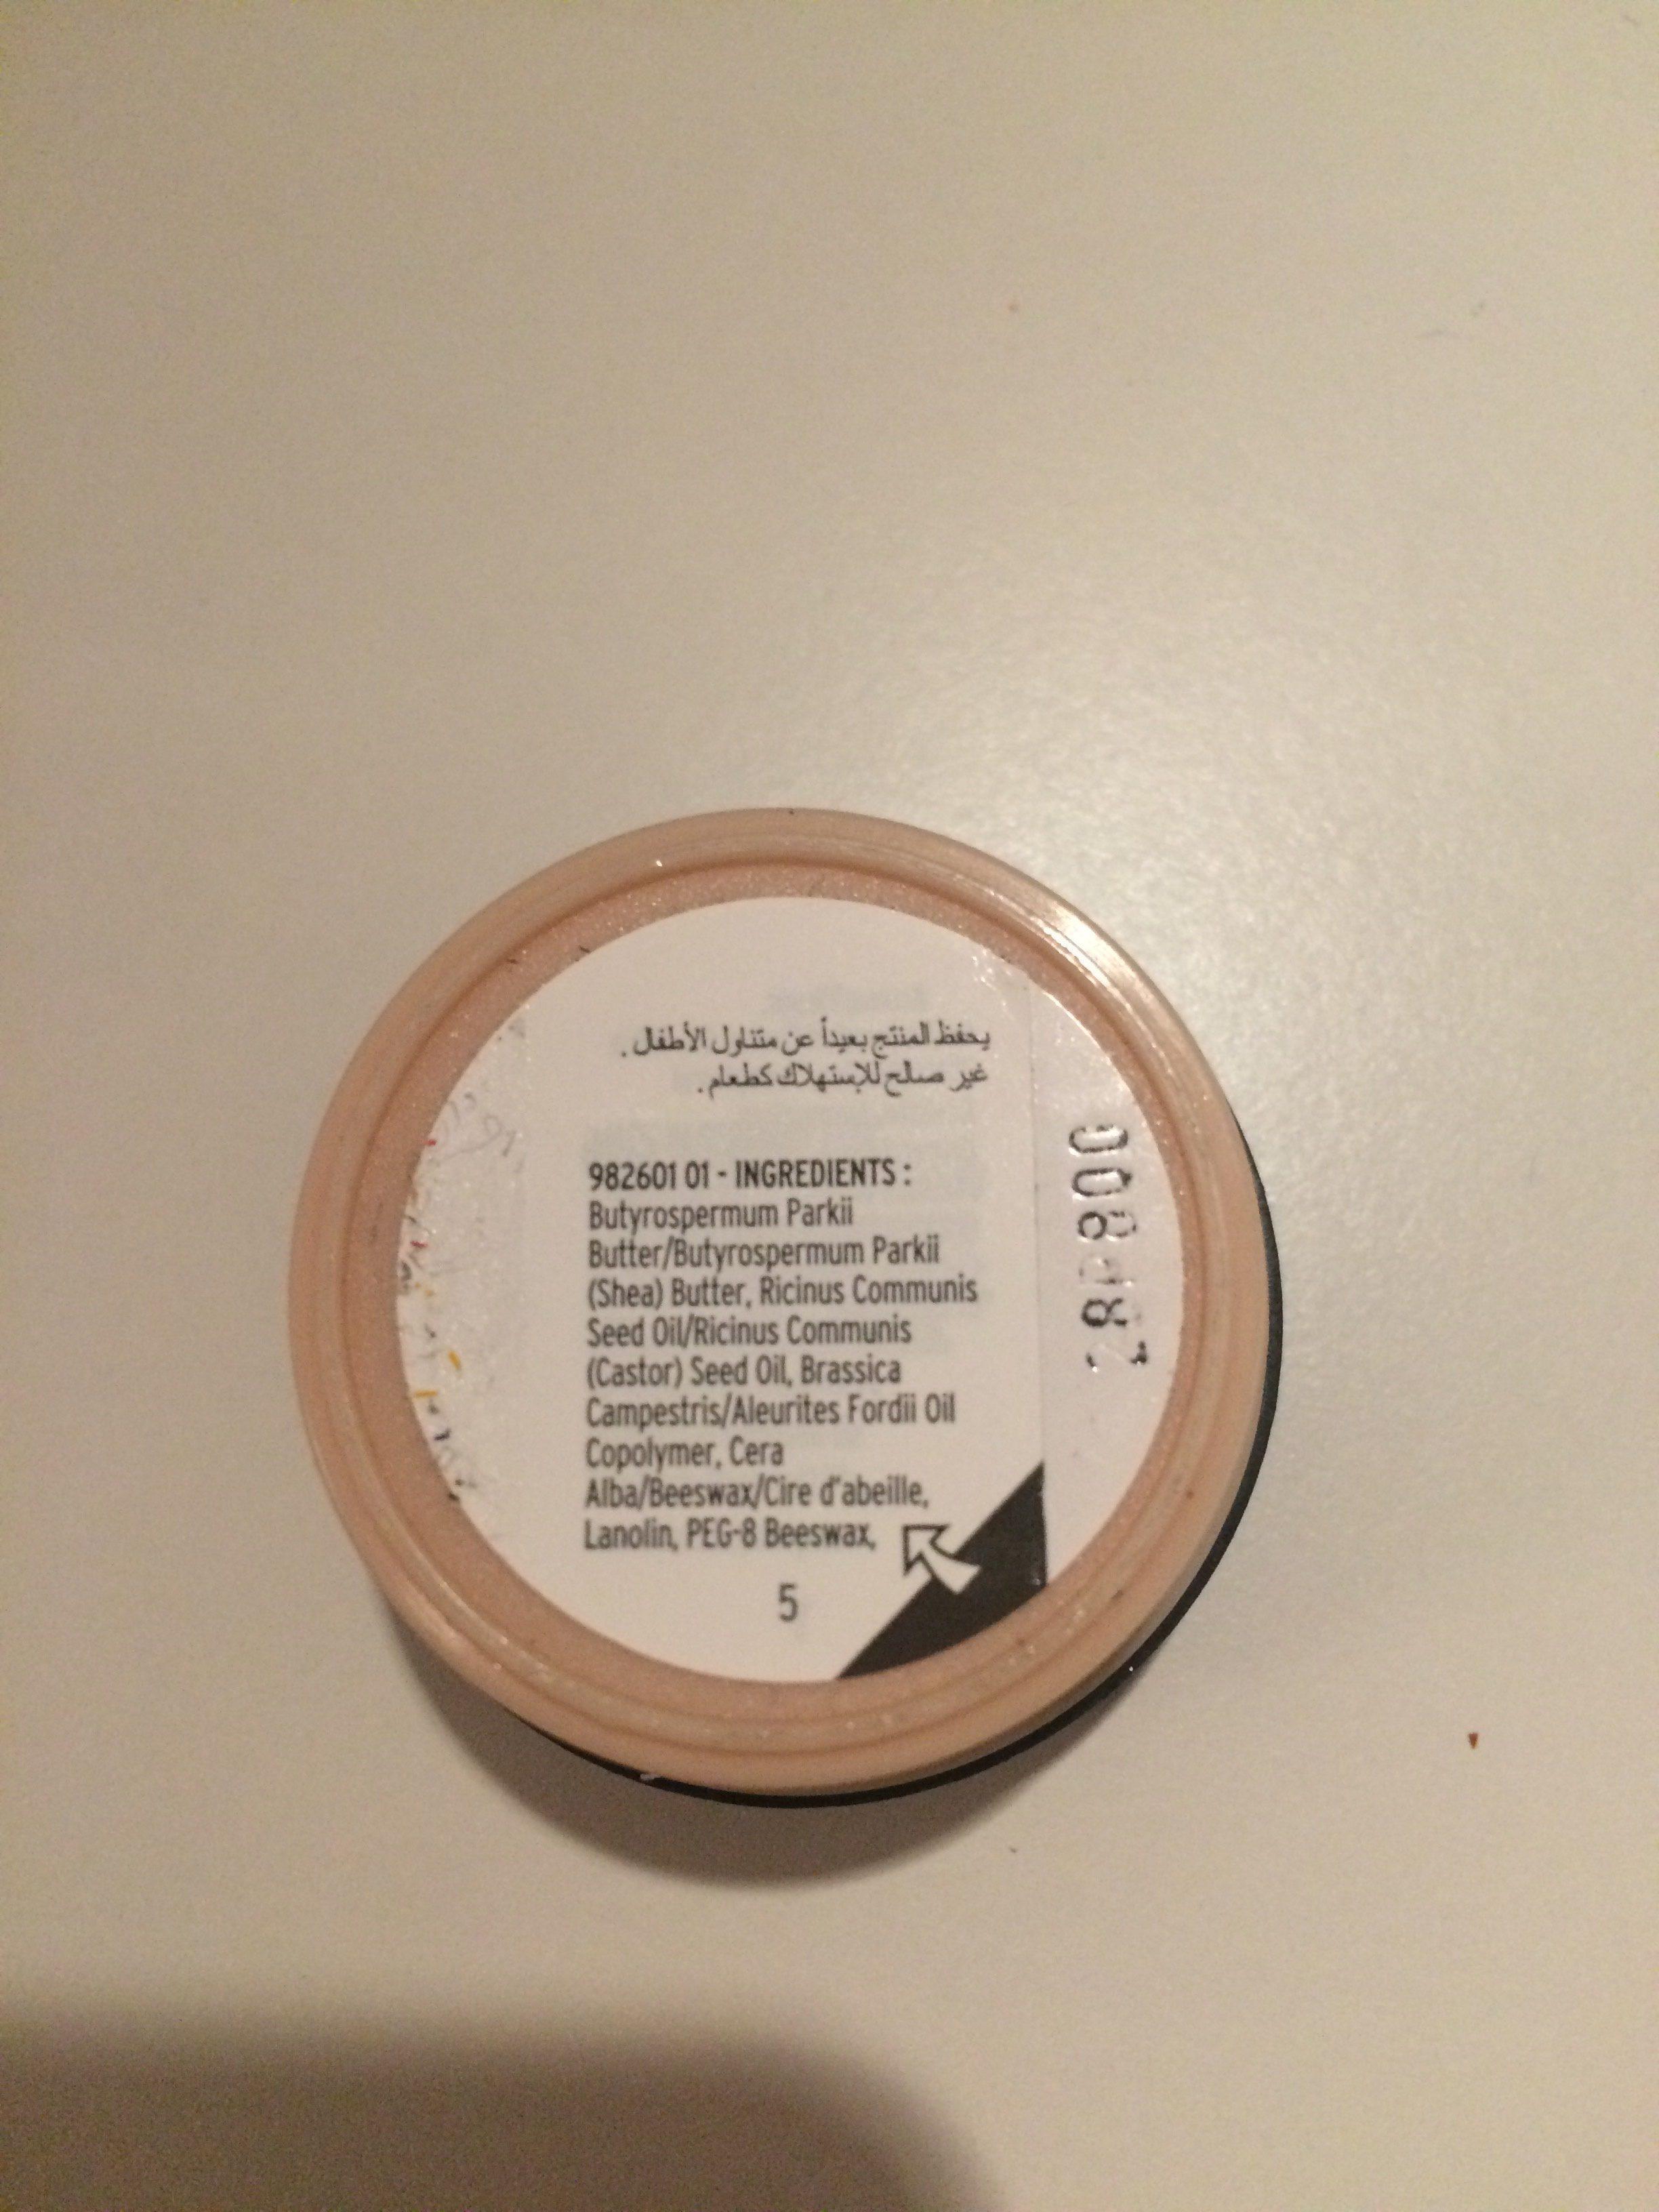 The Body Shop Shea Lip Butter - Ingrédients